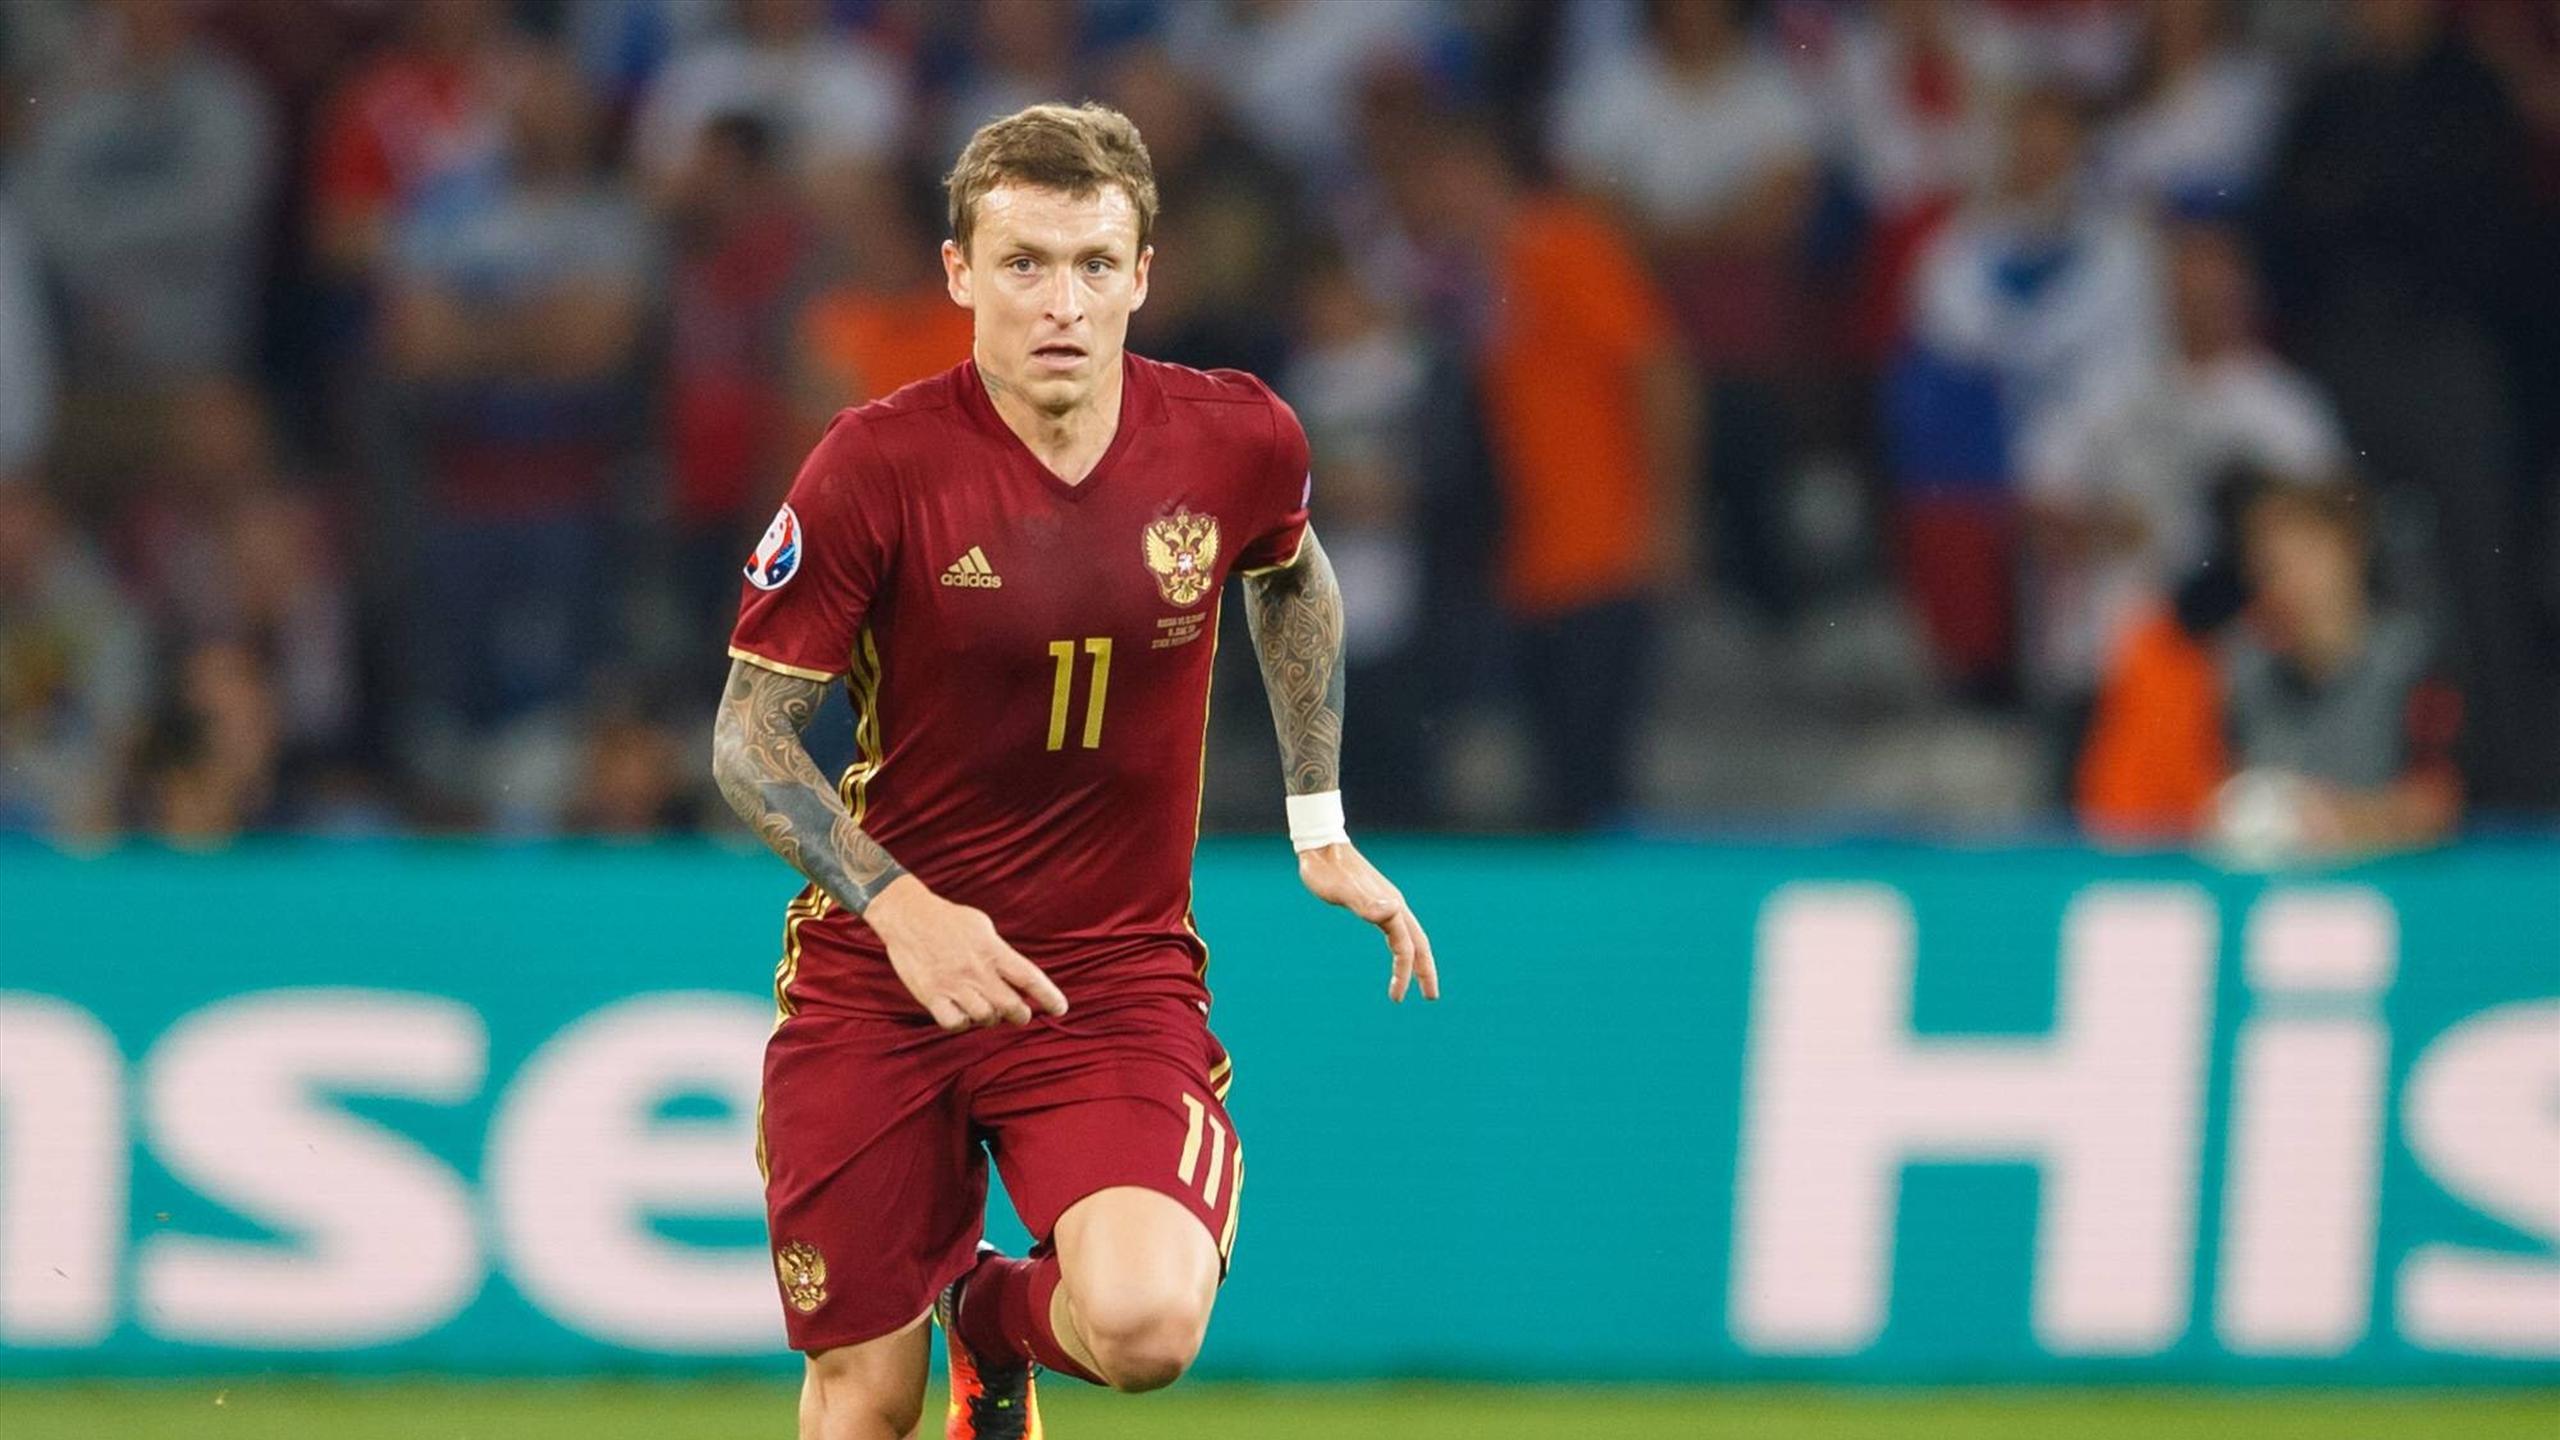 Игрок сборной России Павел Мамаев организует в Подольске футбольный фестиваль